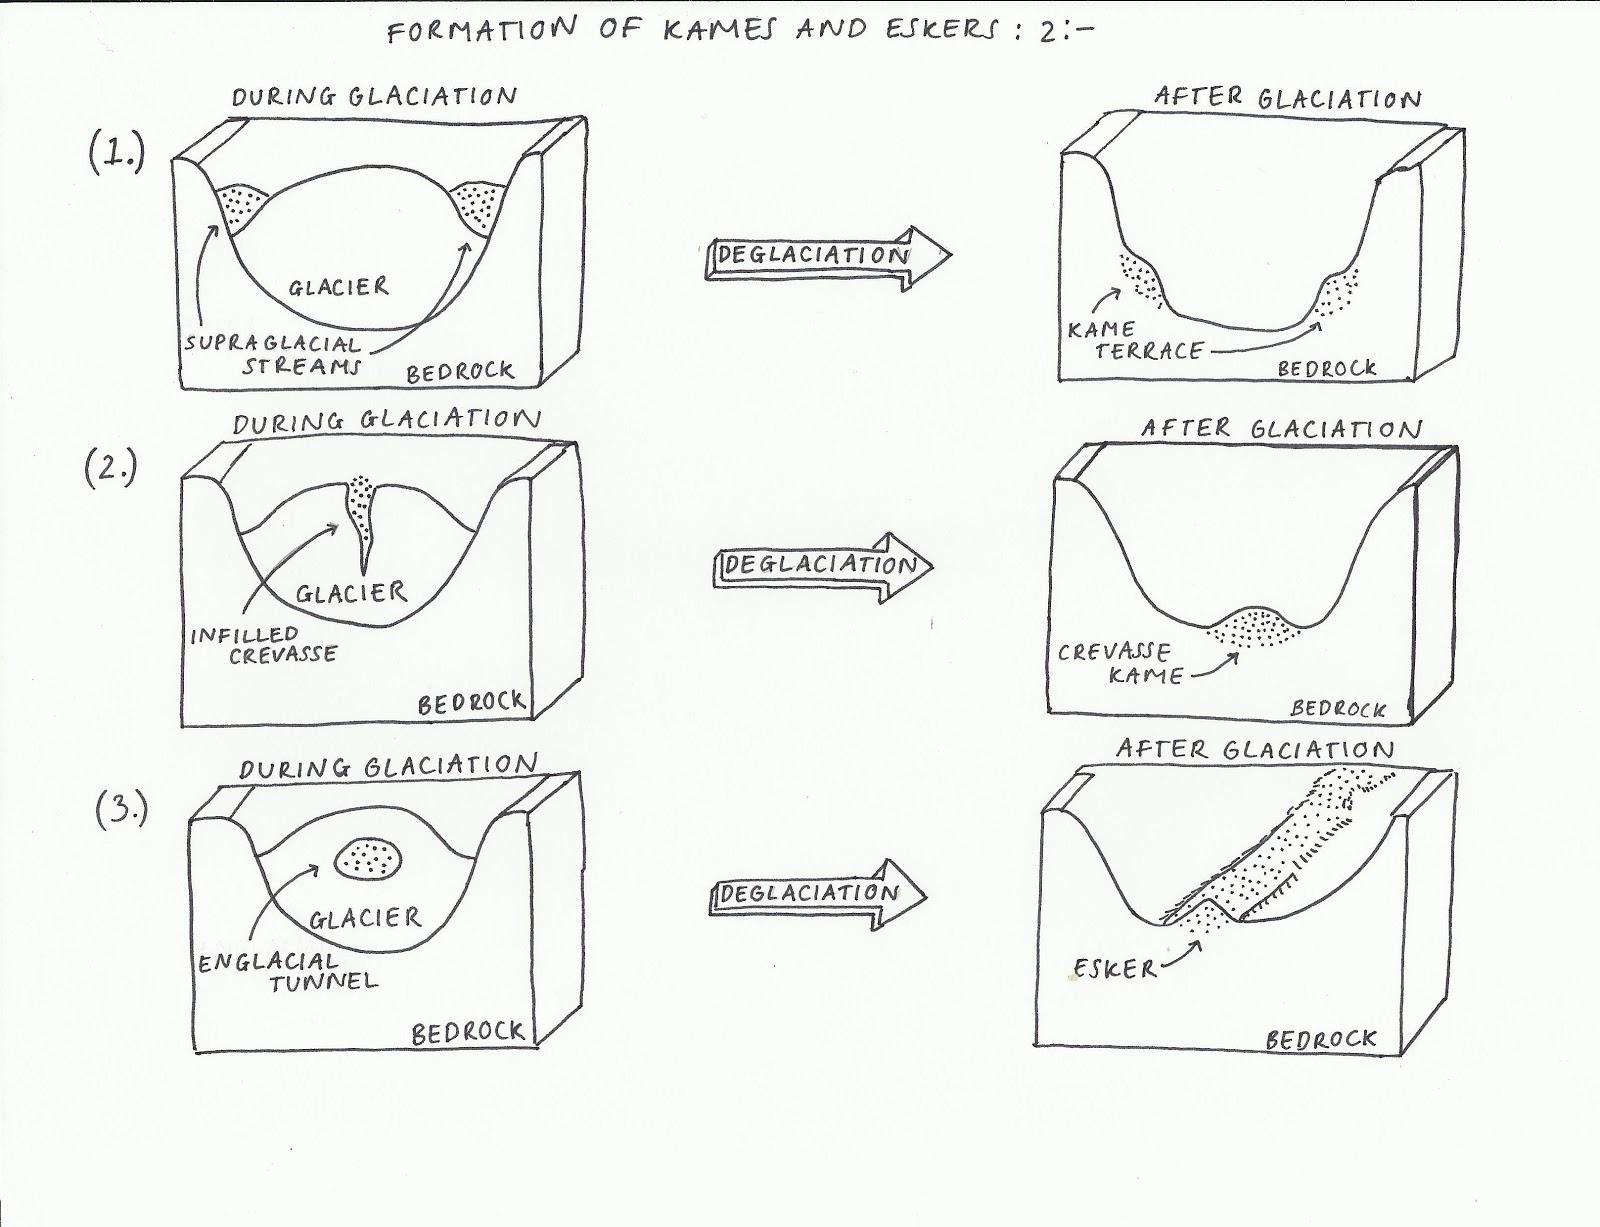 (http://3.bp.blogspot.com/-ejd3Q-FGodQ/UMoRMDH89jI/AAAAAAAAAEA/Maz5e1VYNSg/s1600/Formation+of+kames+and+eskers+2.jpg)